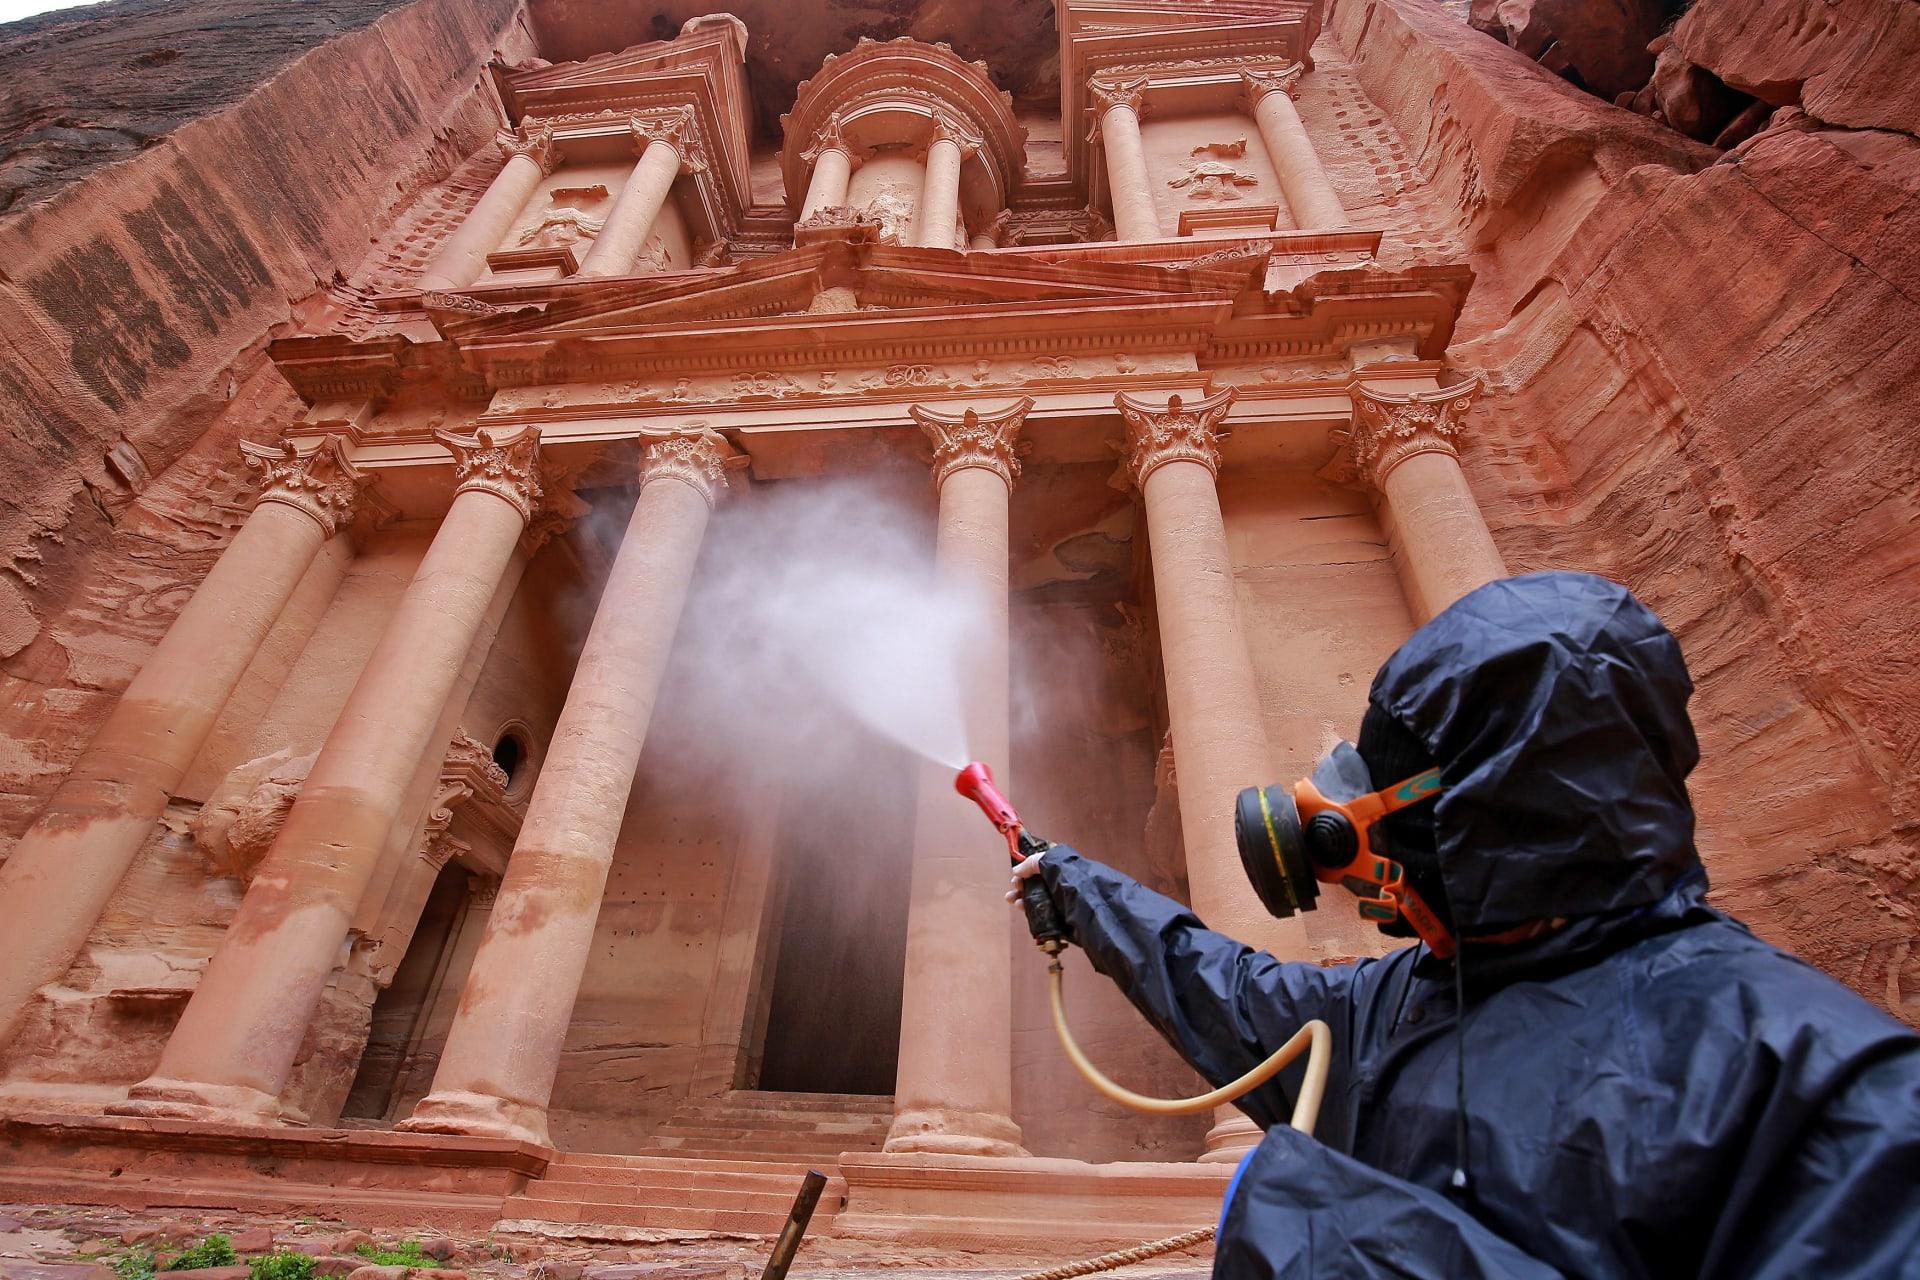 قفزة قياسية.. الأردن يسجل أعلى معدل إصابات بفيروس كورونا منذ بدء تفشي الجائحة